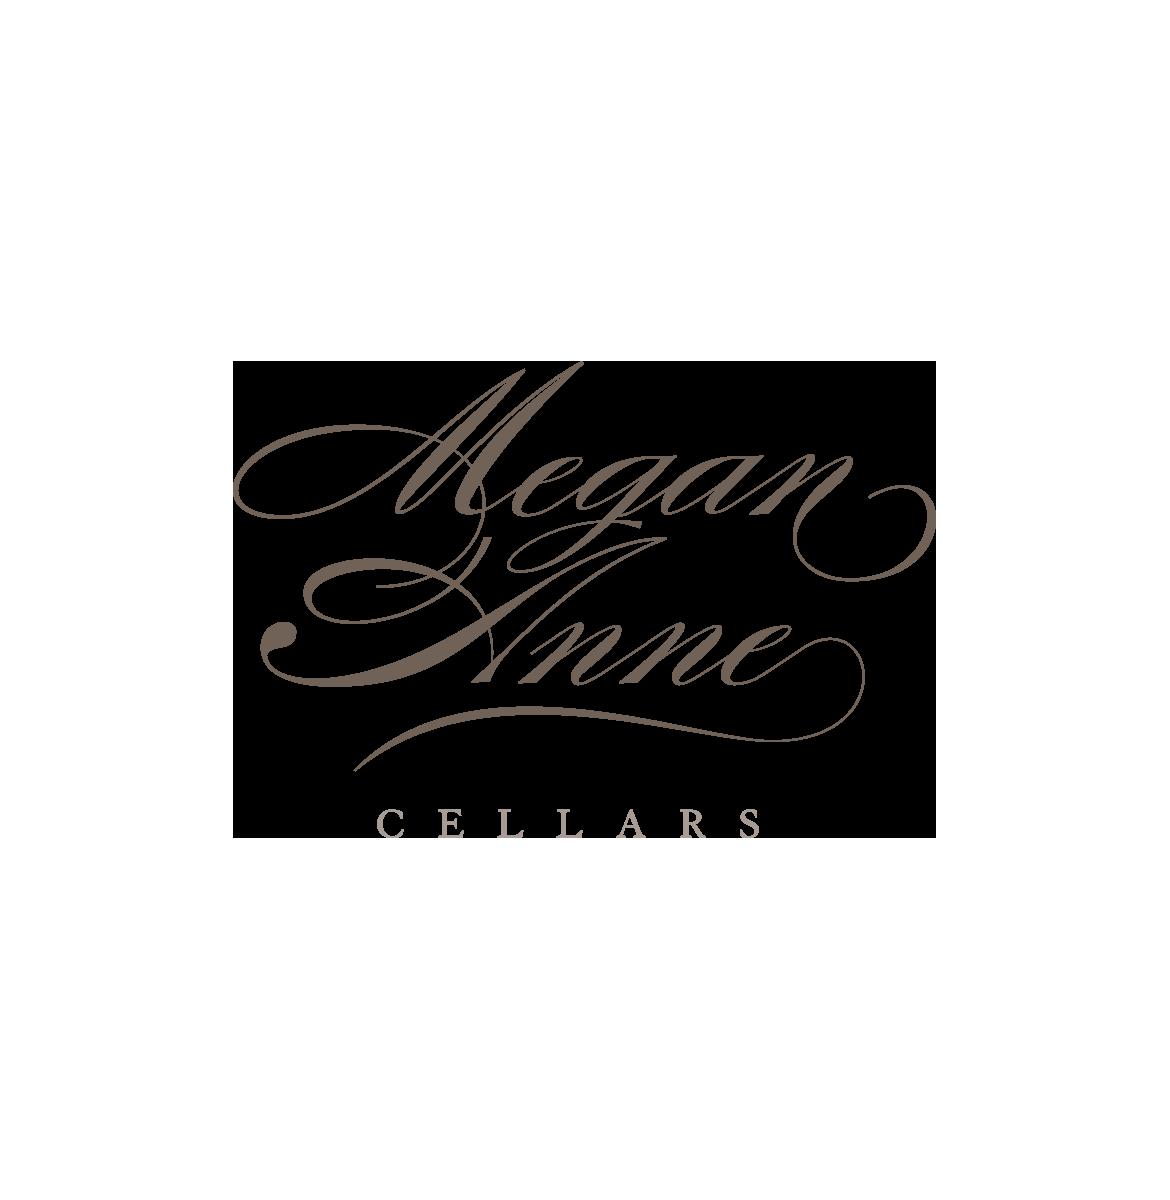 MeganAnne_LogoVariations_0011_Vector-Smart-Object.png